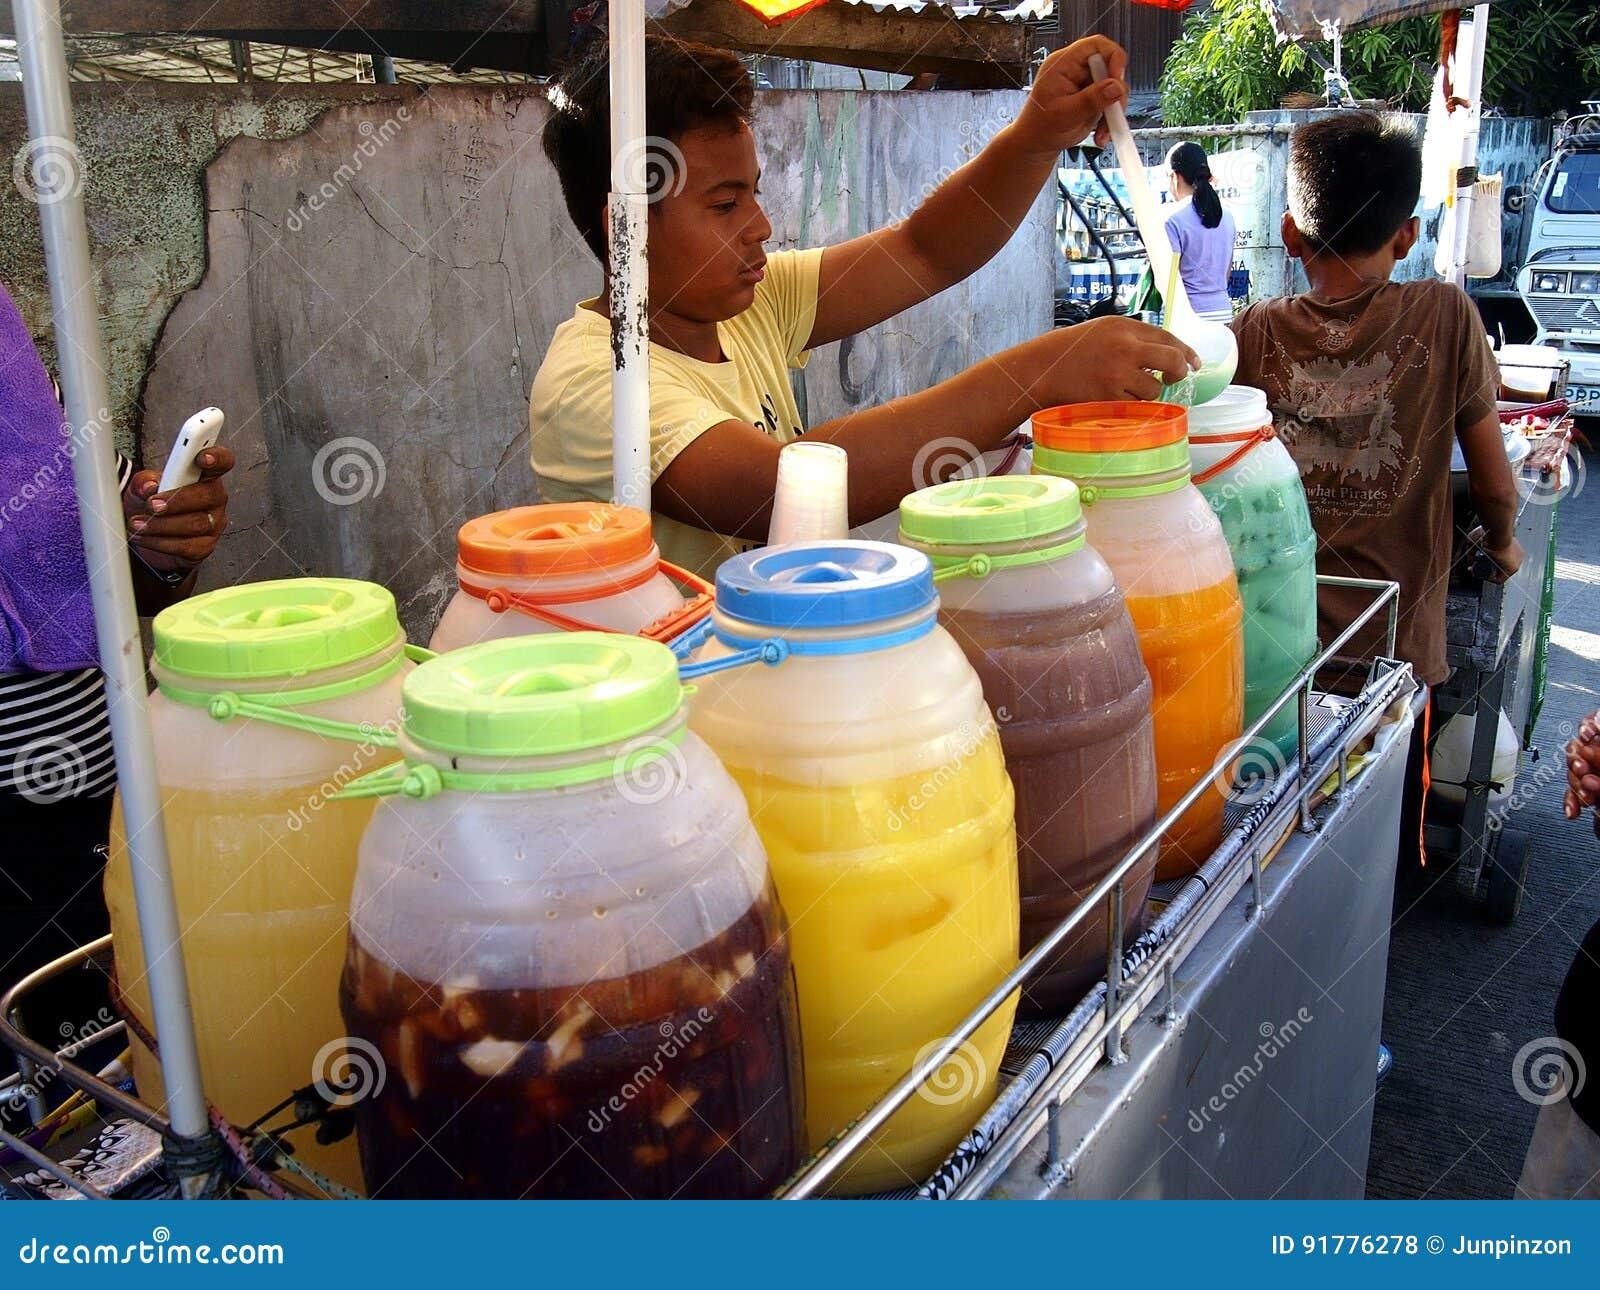 Ein Straßenhändler verkauft eine Vielzahl des Fruchtsaftes und anderer Erfrischungen auf seinem Getränkewarenkorb an einer Straße